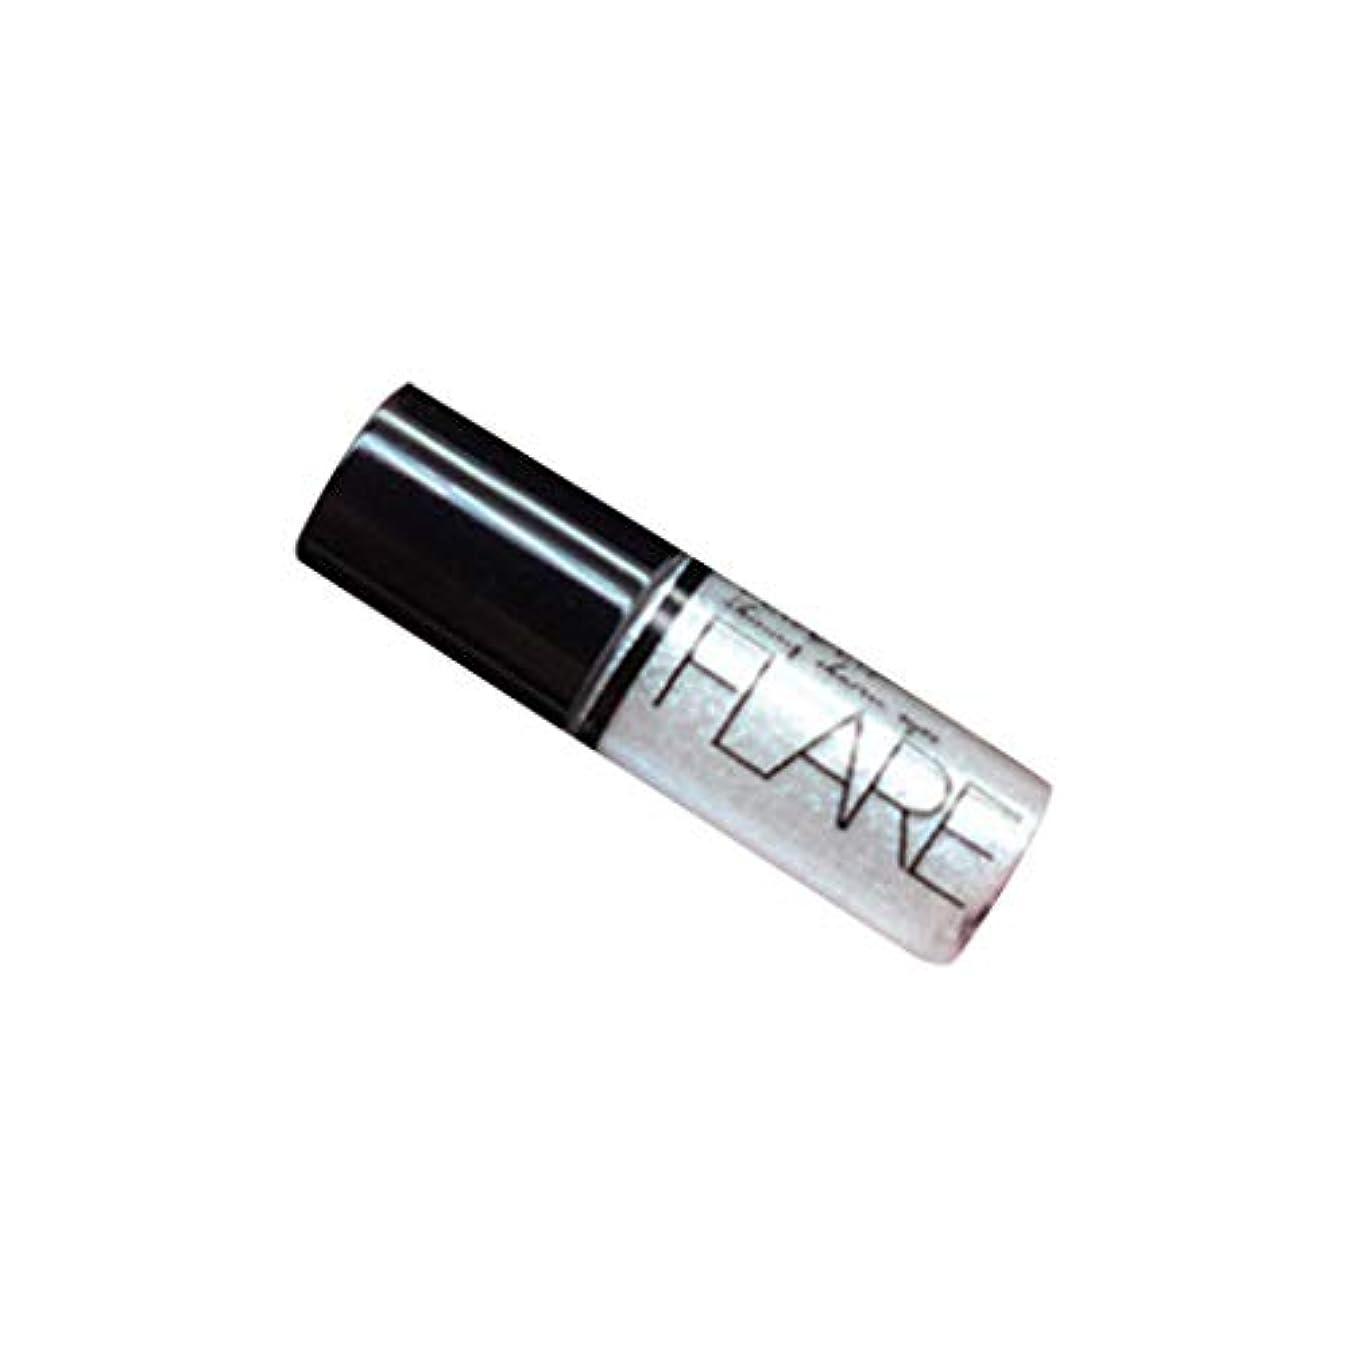 アイデア消化器清めるGOOD lask ポータブル光沢のあるスモーキーアイシャドウ、5色3.5グラム防水チャーム輝くメタリック光沢アイライナーアイシャドウ液体アイライナーゴールドカラットダイヤモンド横たわっているシルクアイライナーパウダーアイシャドウパウダー (A)